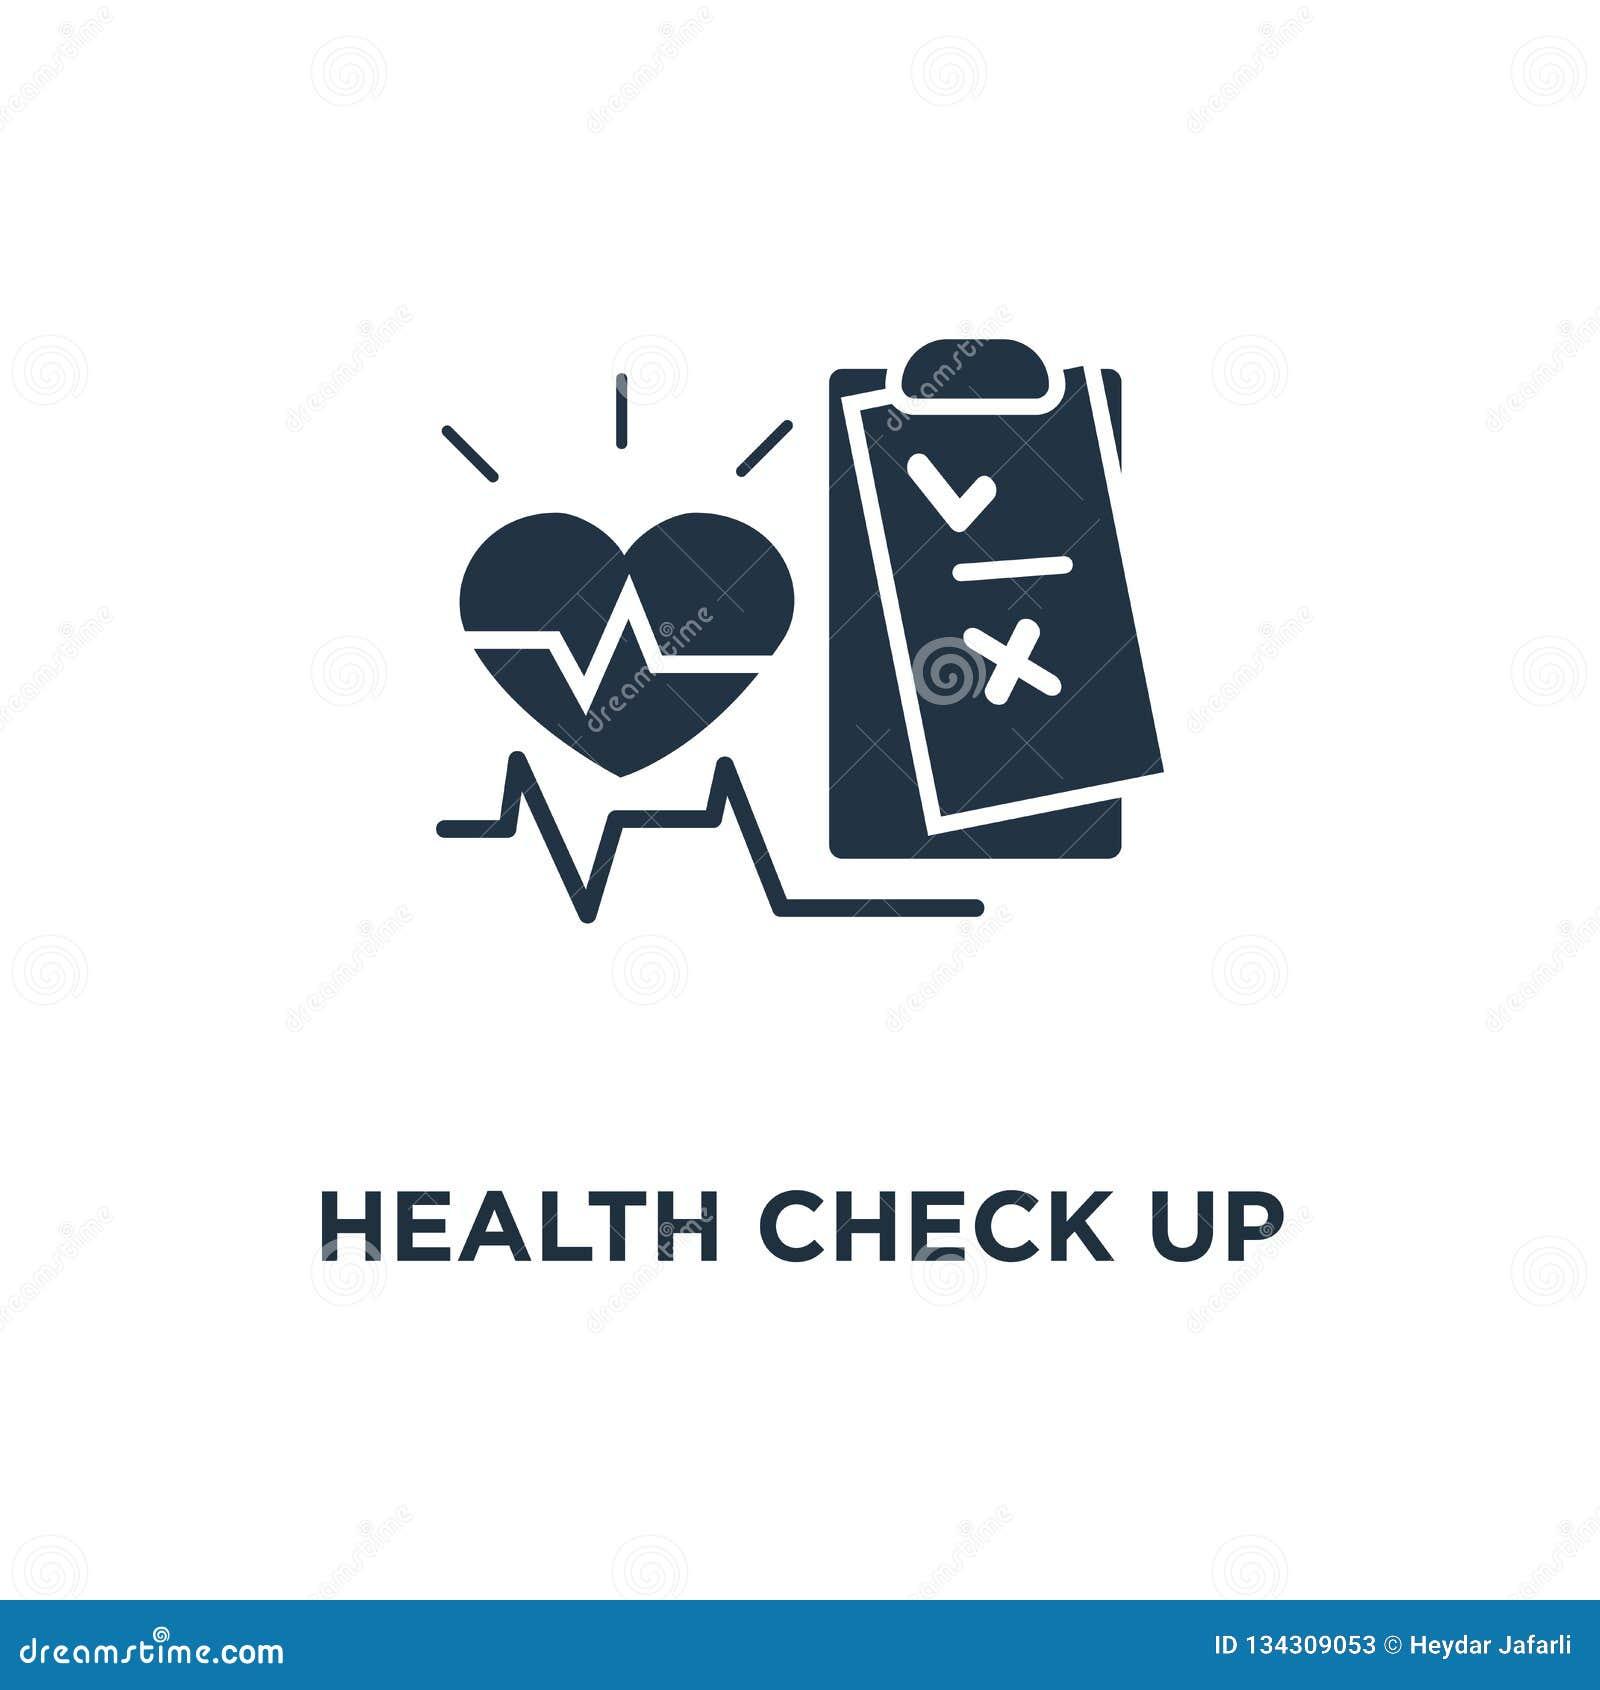 медицинский осмотр вверх по значку контрольного списока тест предохранения сердечно-сосудистого заболевания, дизайн символа конце